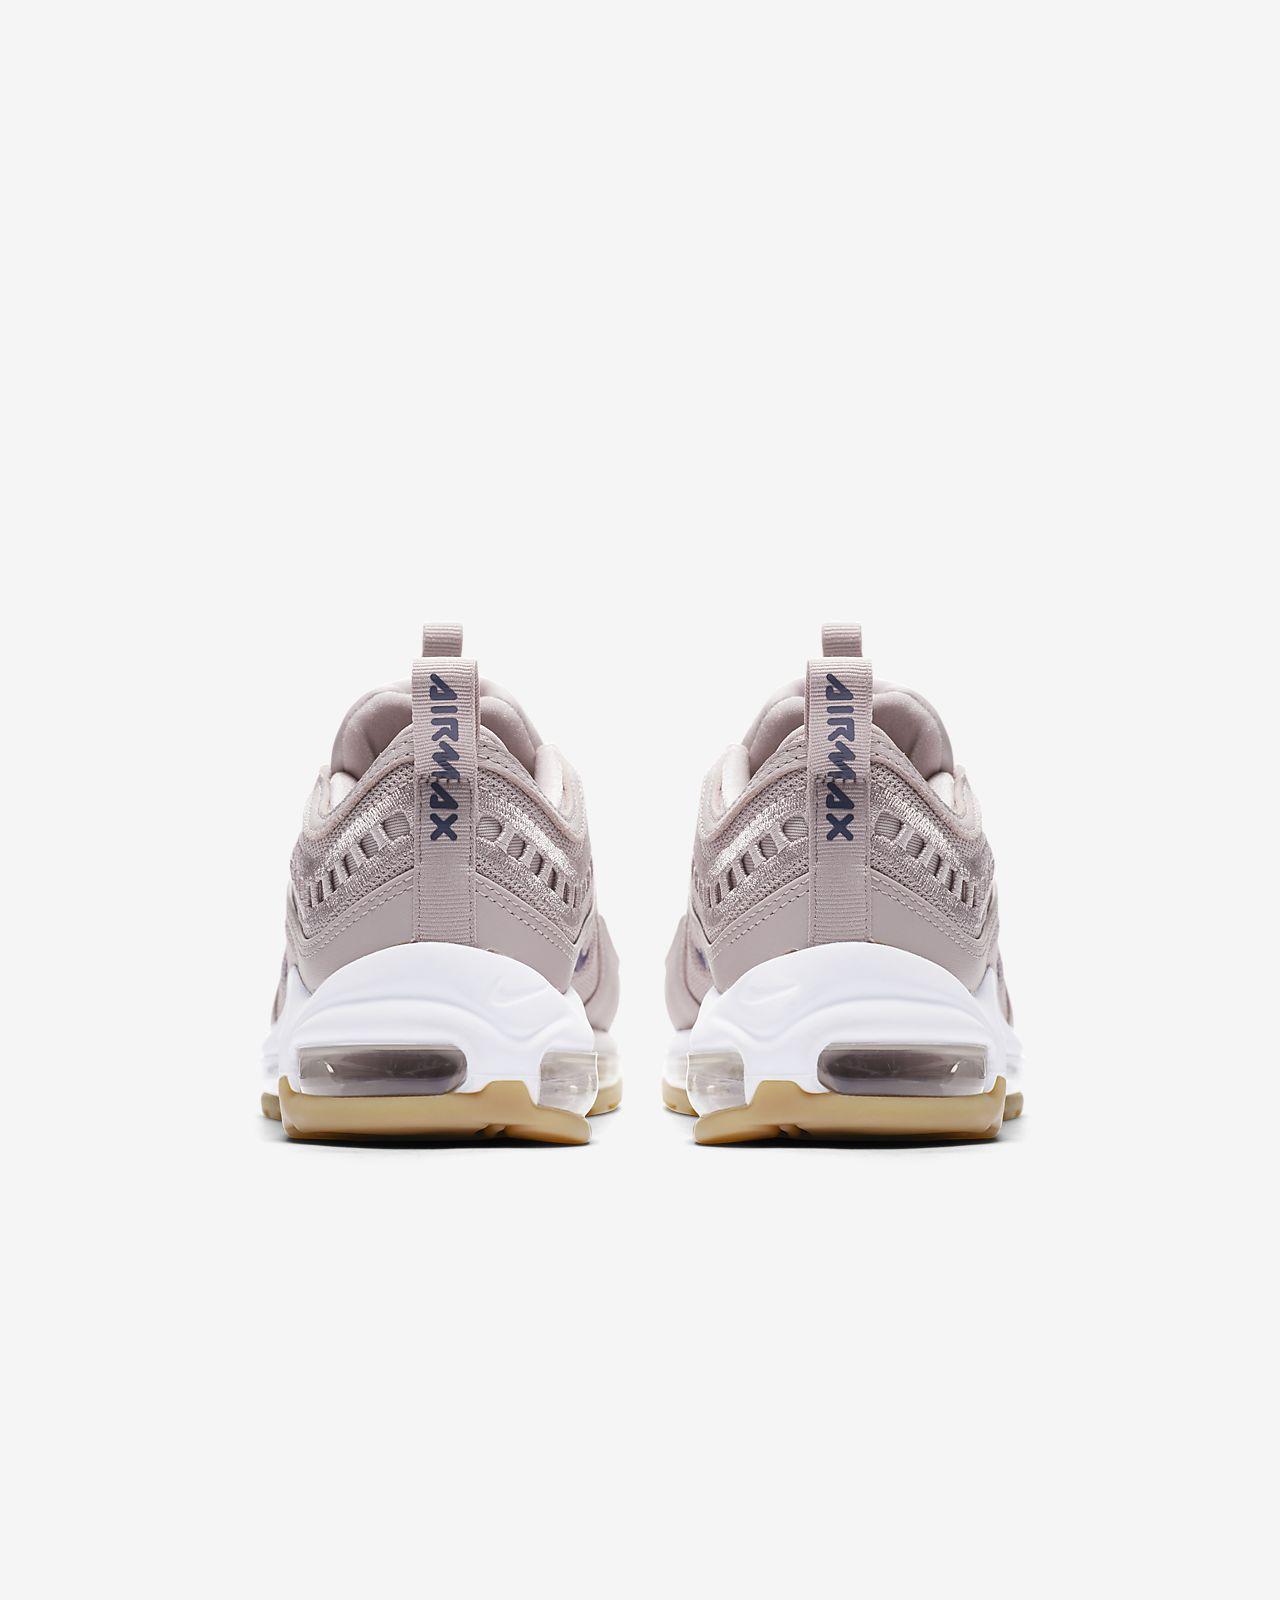 Chaussure Nike Air Max 97 Ultra '17 SI pour Femme